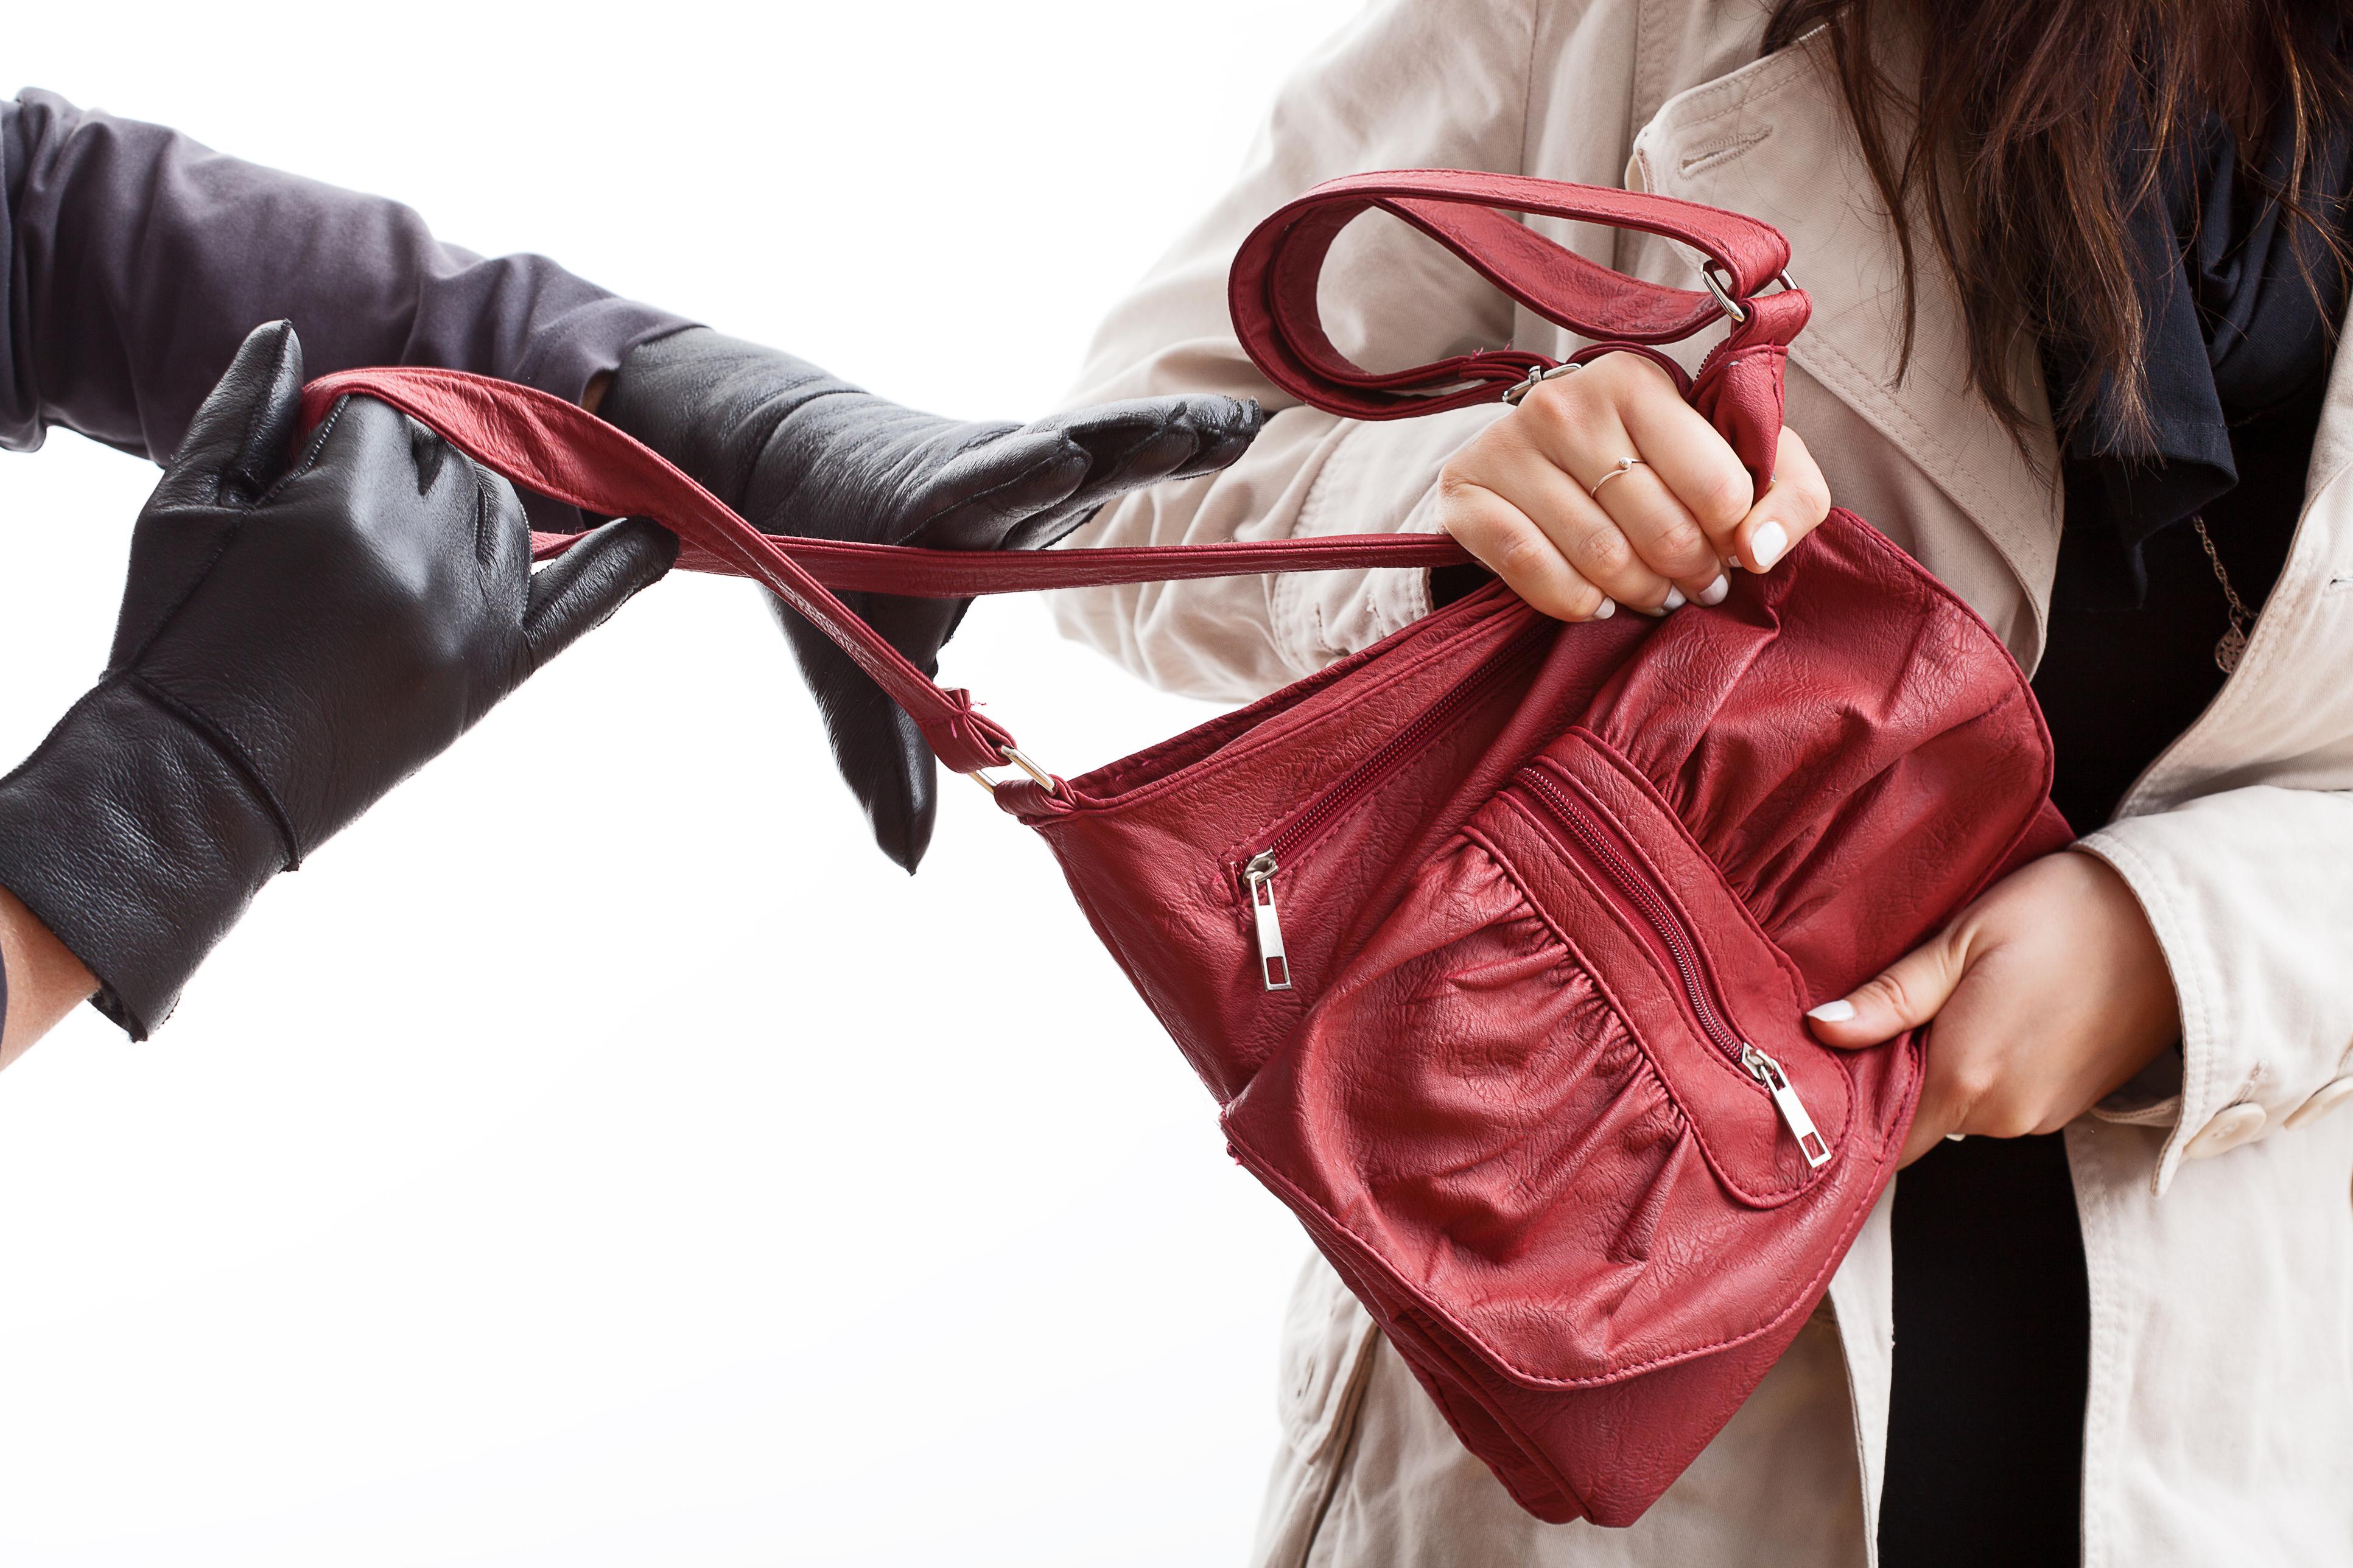 Photo of שש נשים תקפו אישה בהריון ופצעו אותה, כדי לקחת ממנה את התיק ובו כמה אלפי שקלים